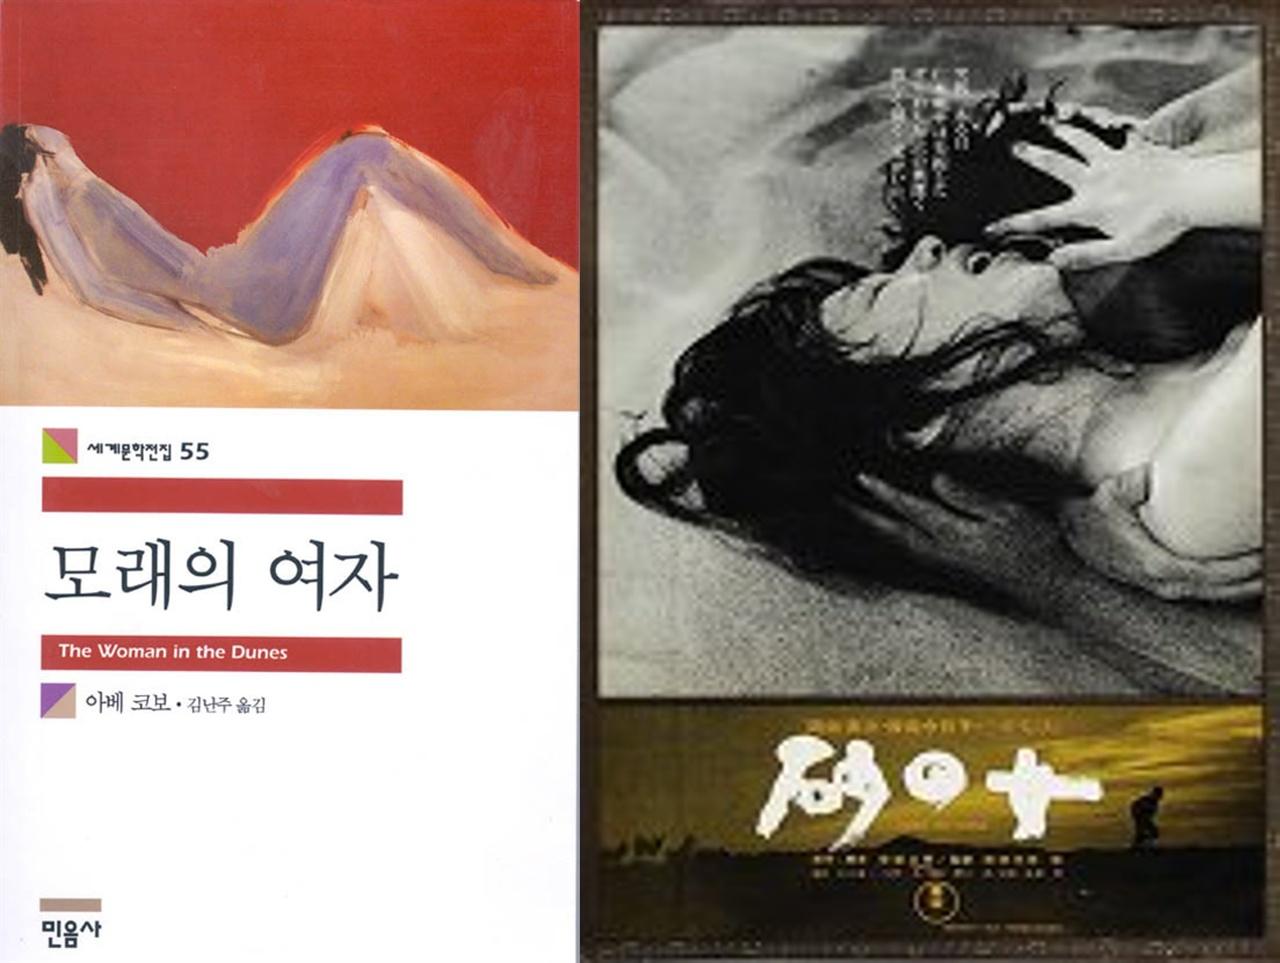 <모래의 여자> 책 표지와 포스터